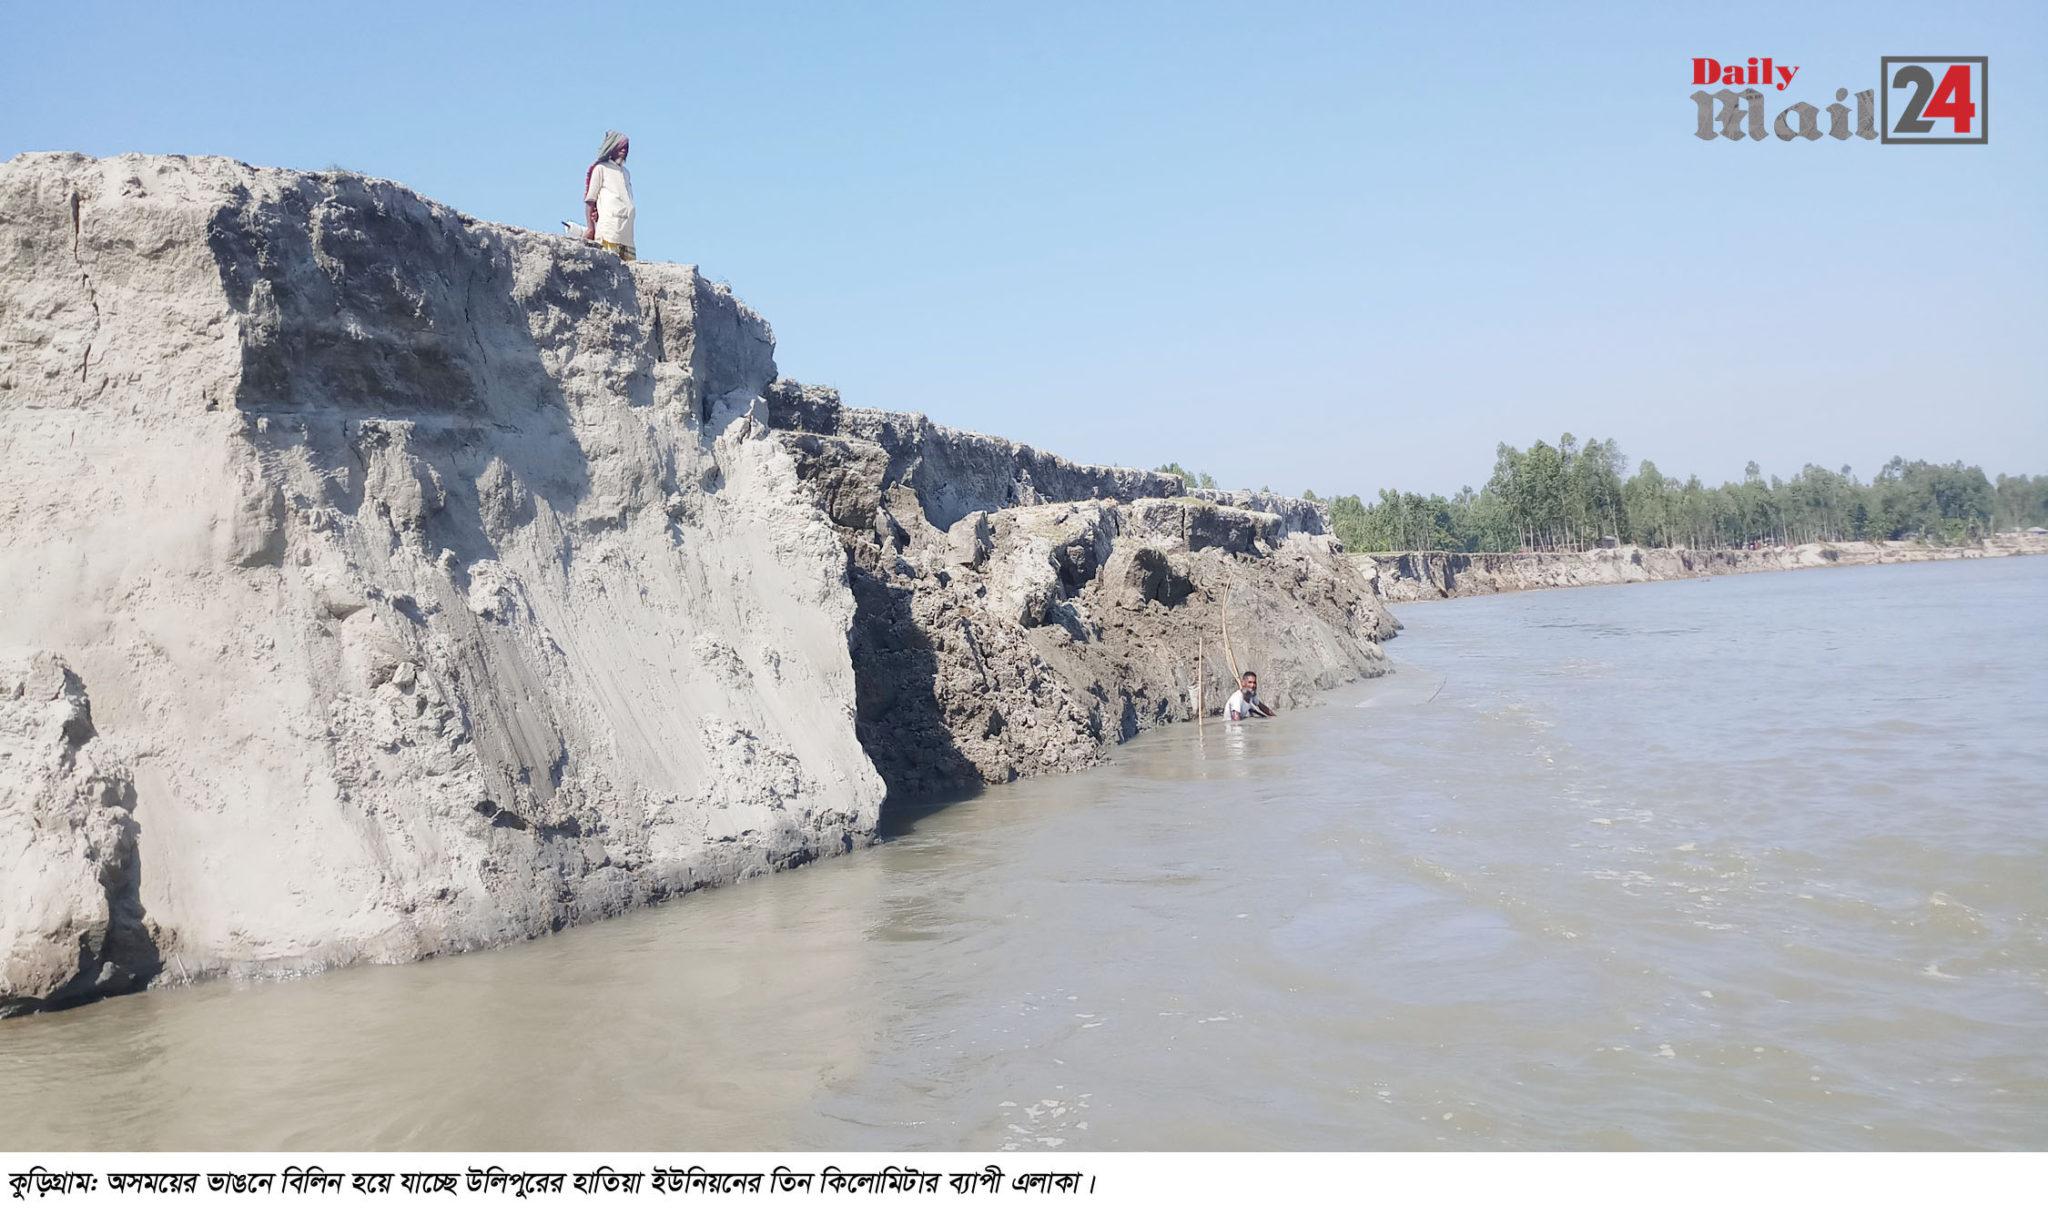 উলিপুরে হাতিয়ায় নদীভাঙনে দু'শতাধিক বসতবাড়ী বিলীন